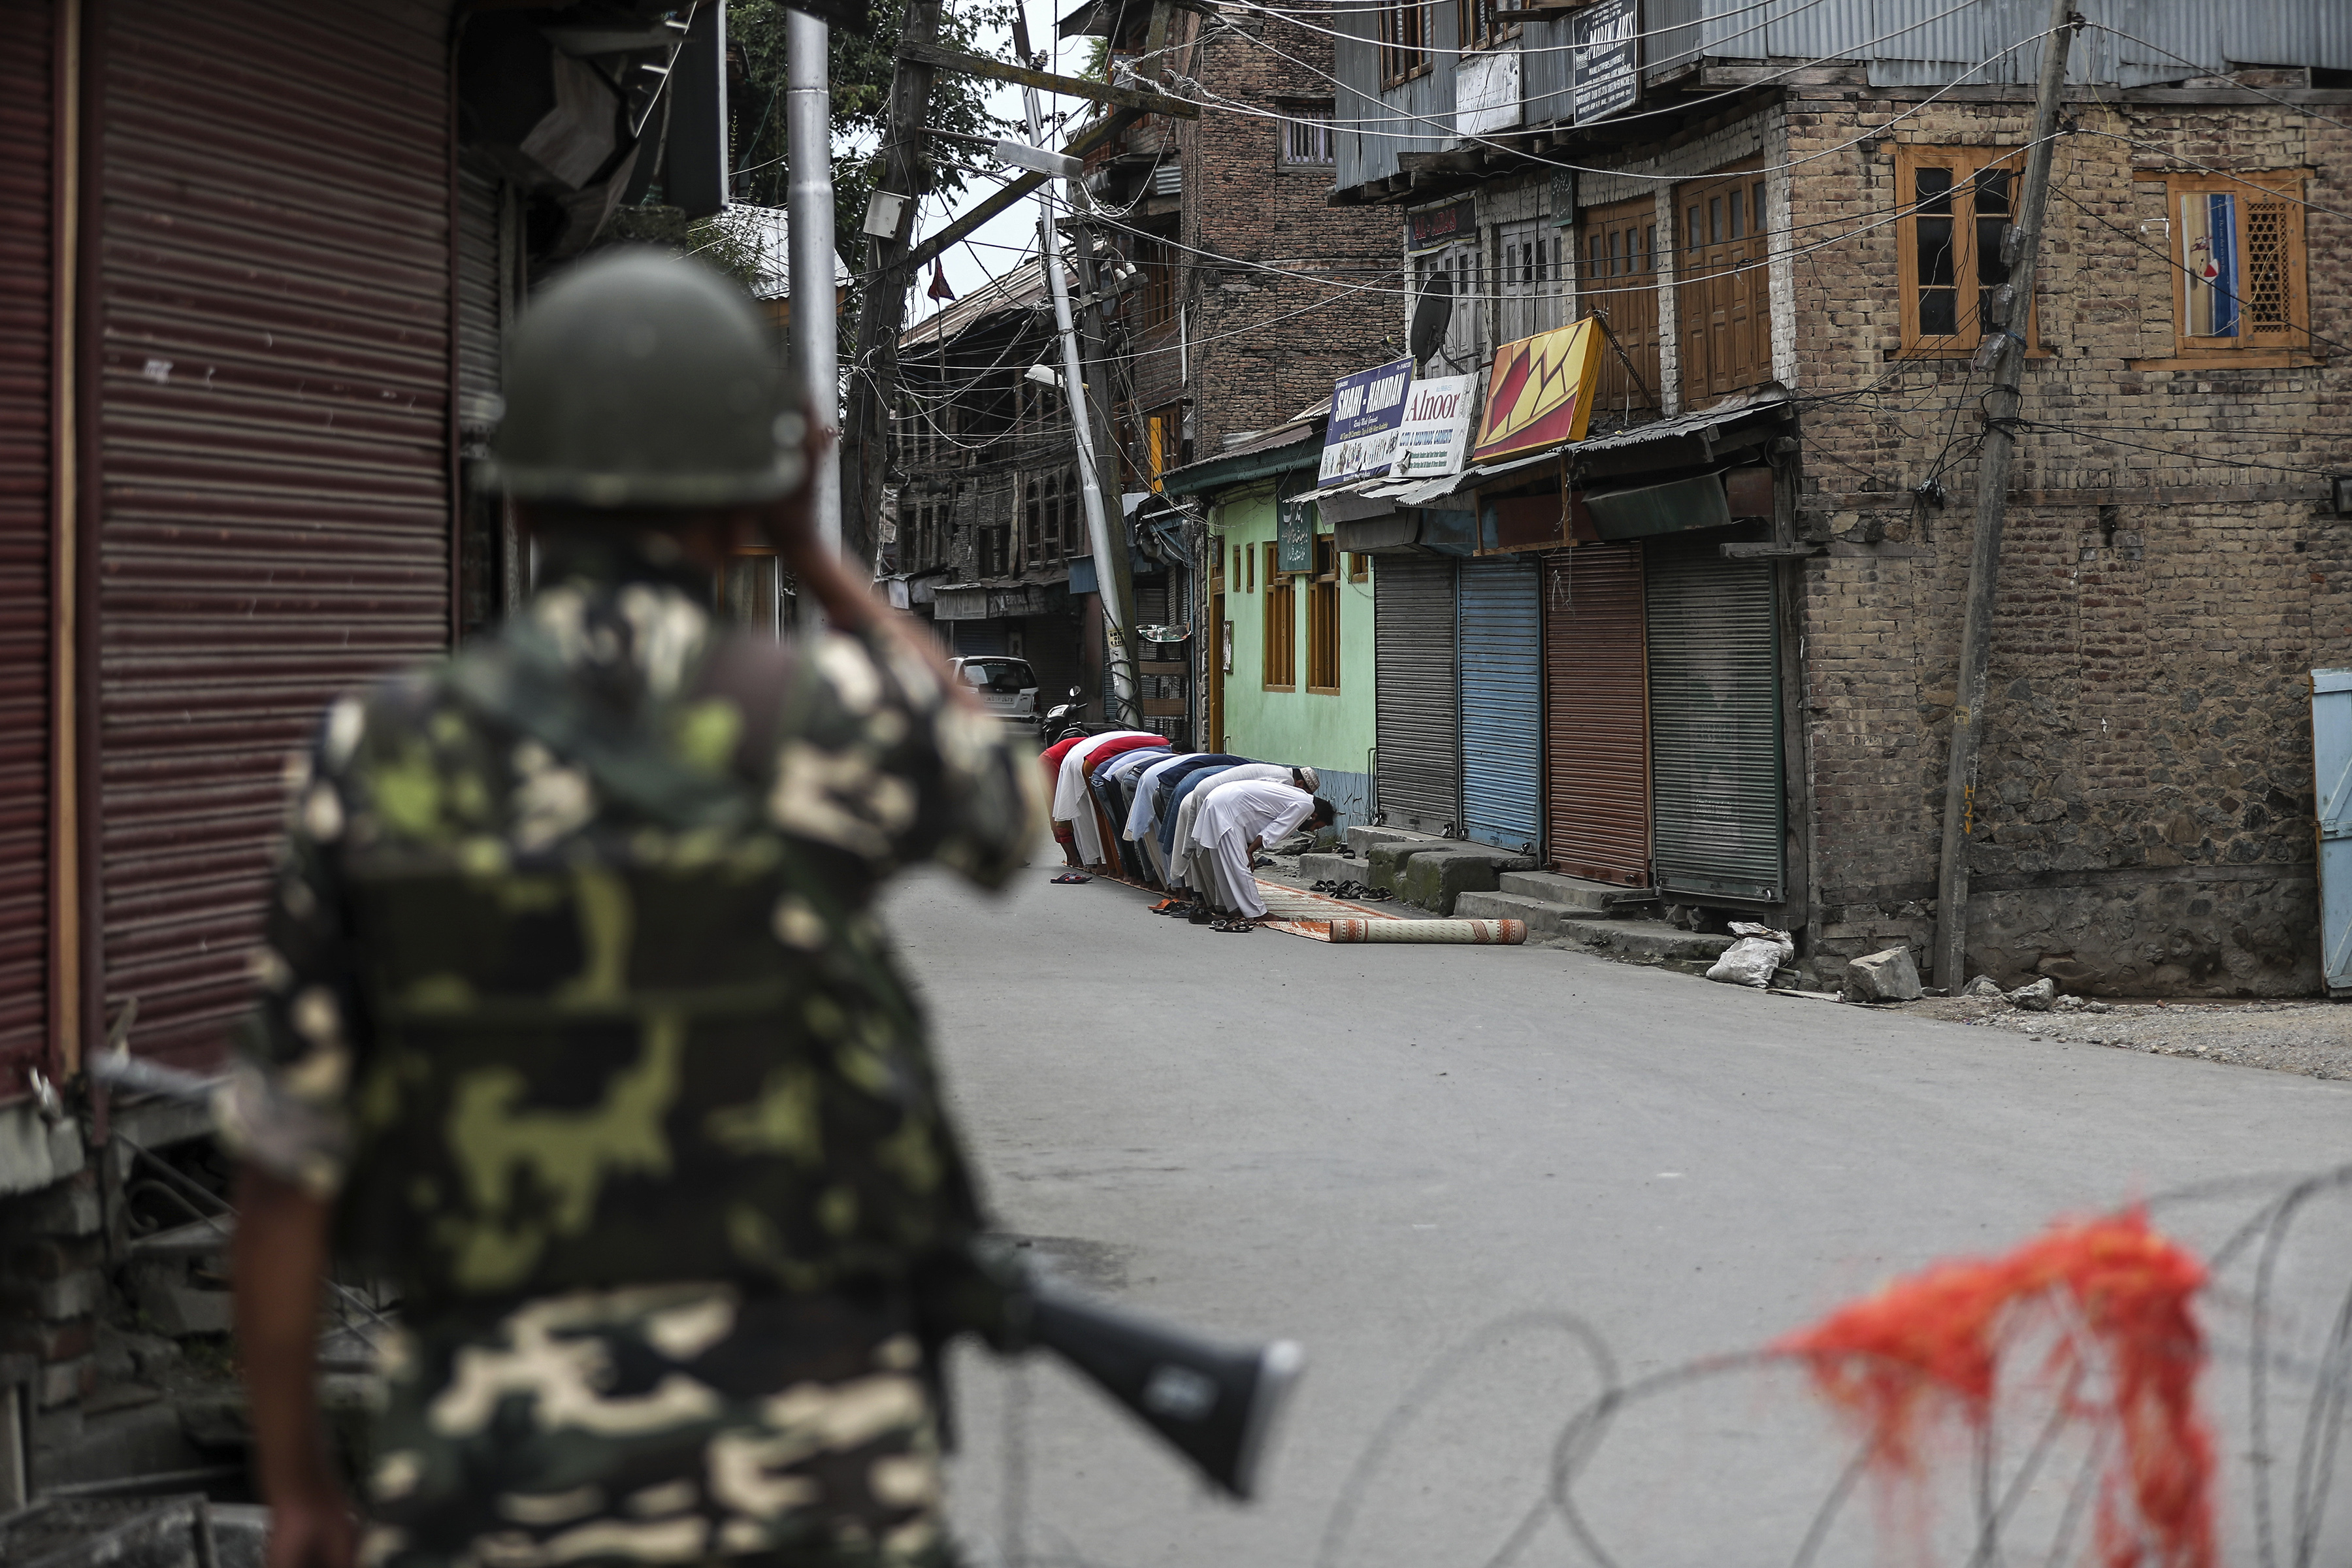 Un soldado paramilitar indio está de guardia mientras los musulmanes de Cachemira ofrecen oraciones los viernes en una calle frente a una mezquita local durante el toque de queda como restricciones en Srinagar, India, el 16 de agosto de 2019. (Foto AP / Mukhtar Khan)